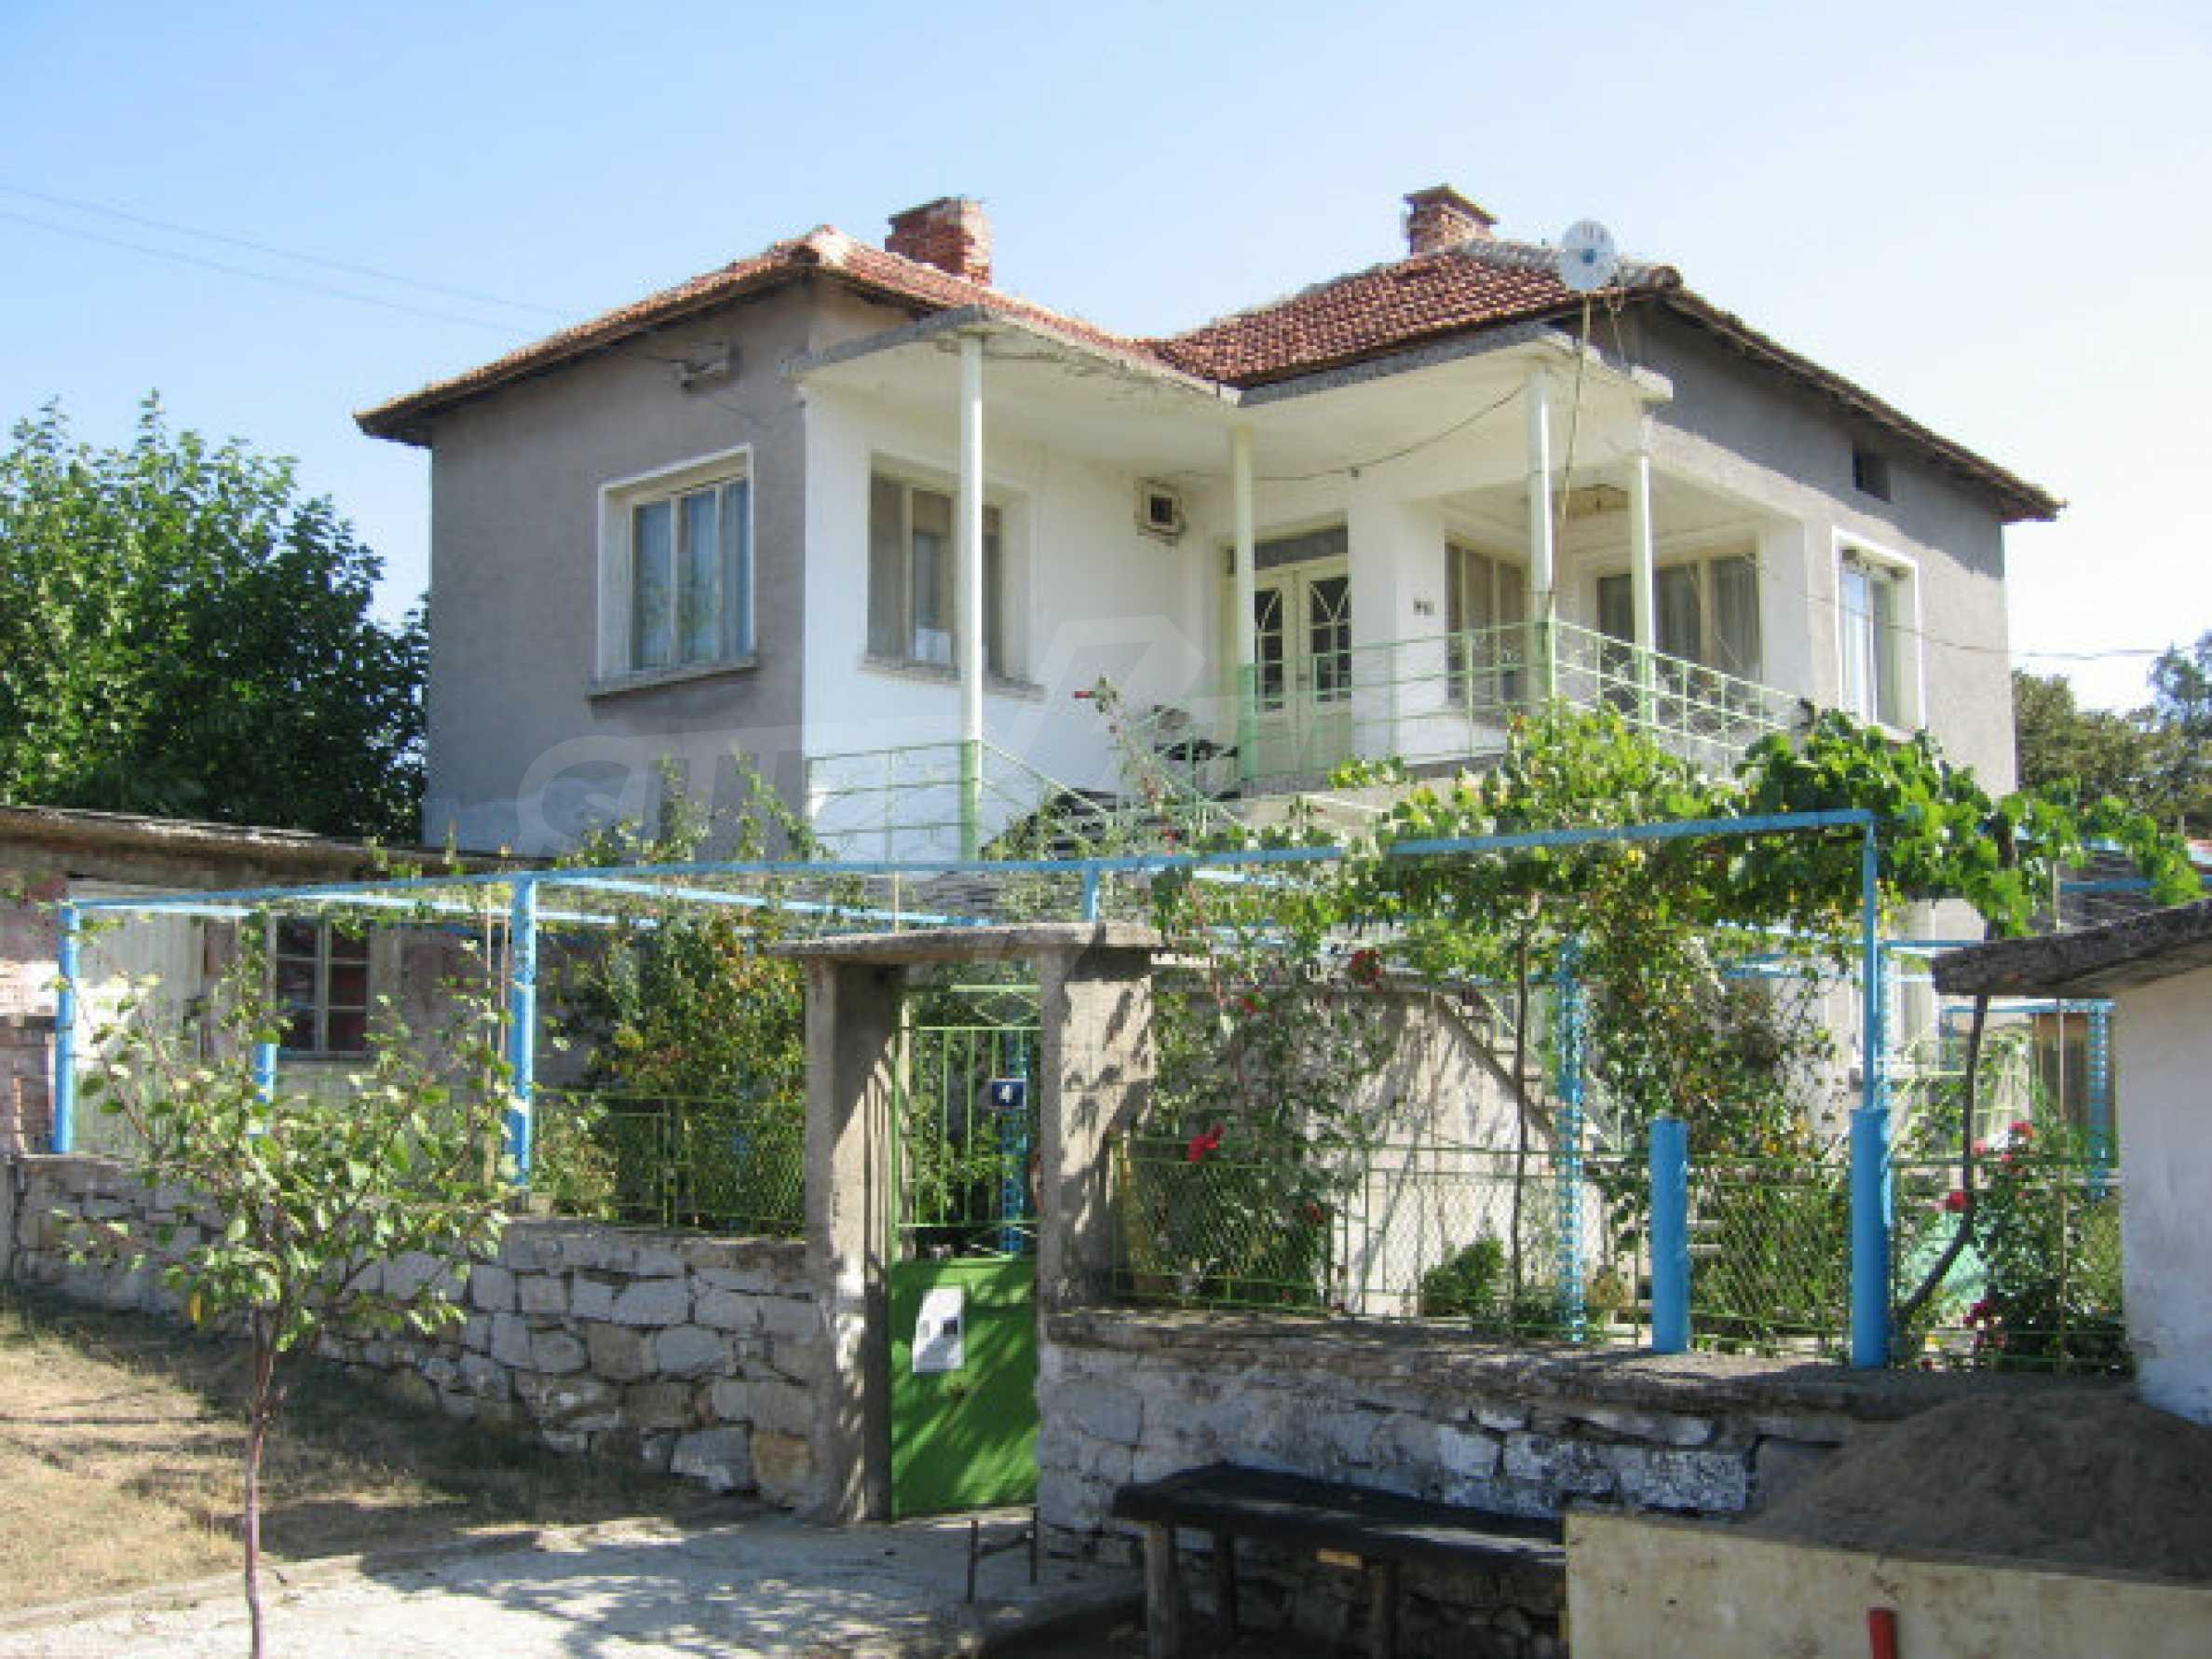 Großes und solides Haus mit einem Garten in einer schönen ländlichen Gegend in der Nähe von Topolovgrad und Elhovo